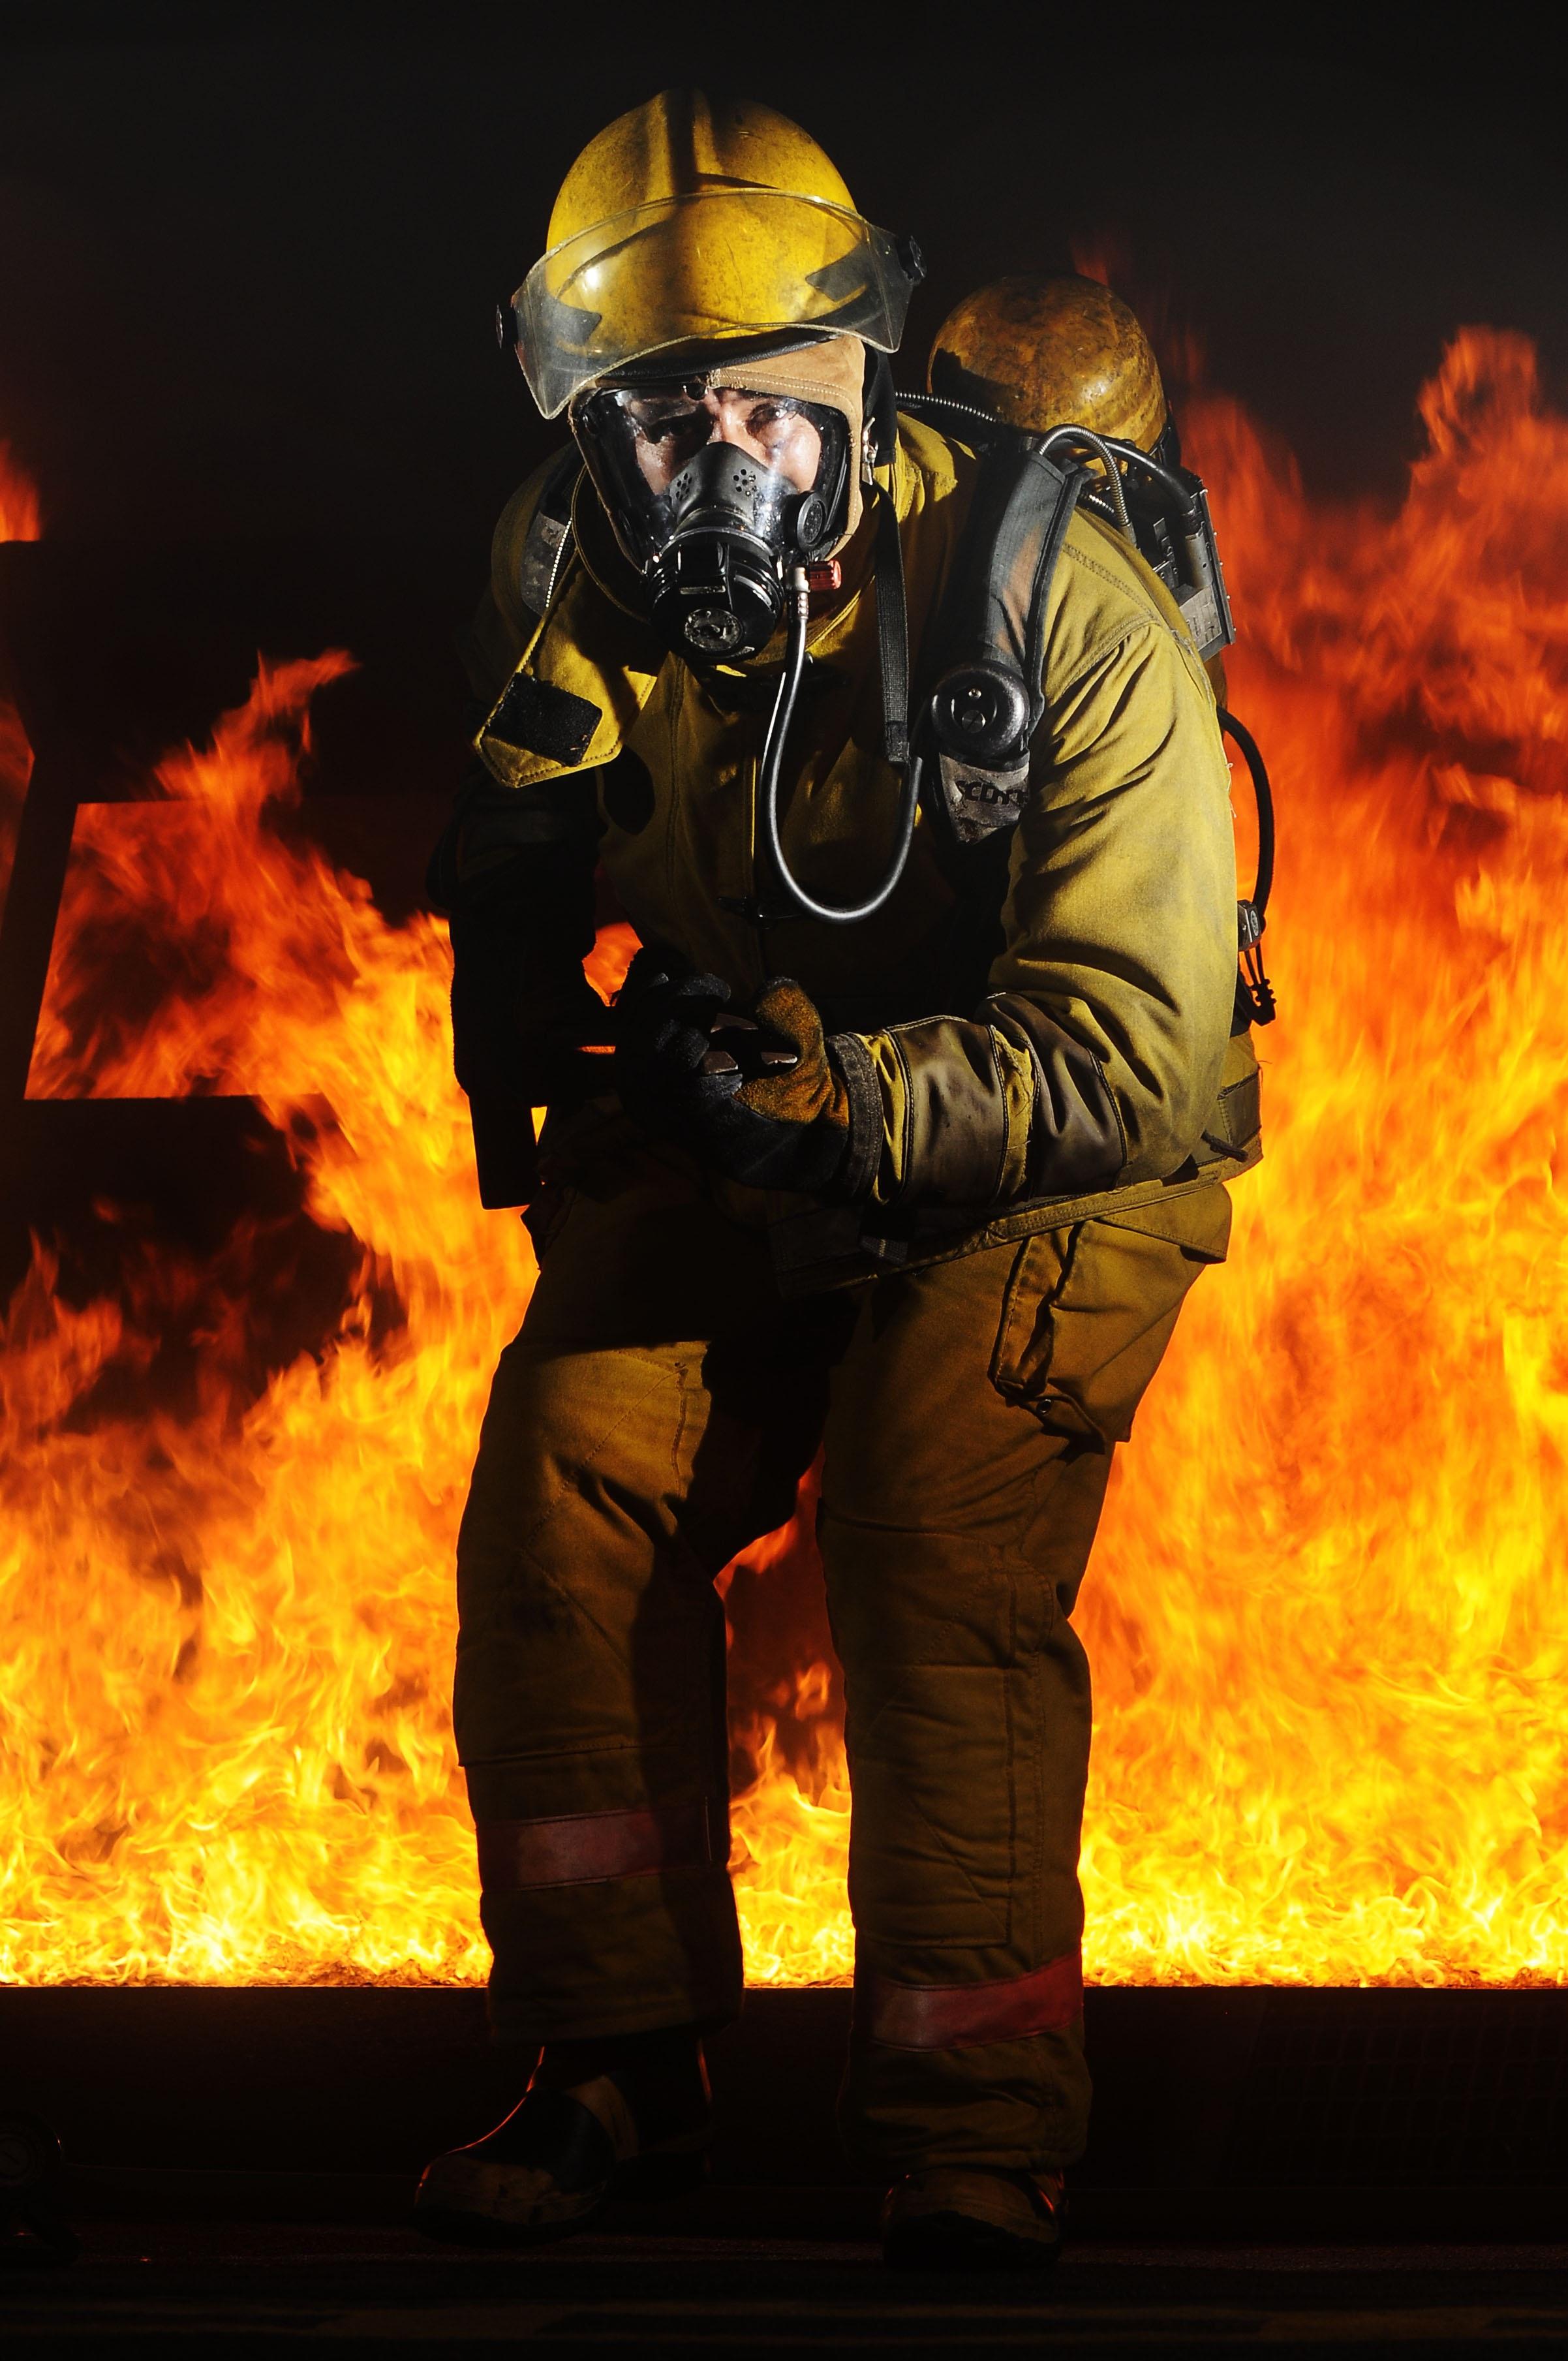 Пожарная охрана красивые картинки, даче картинки